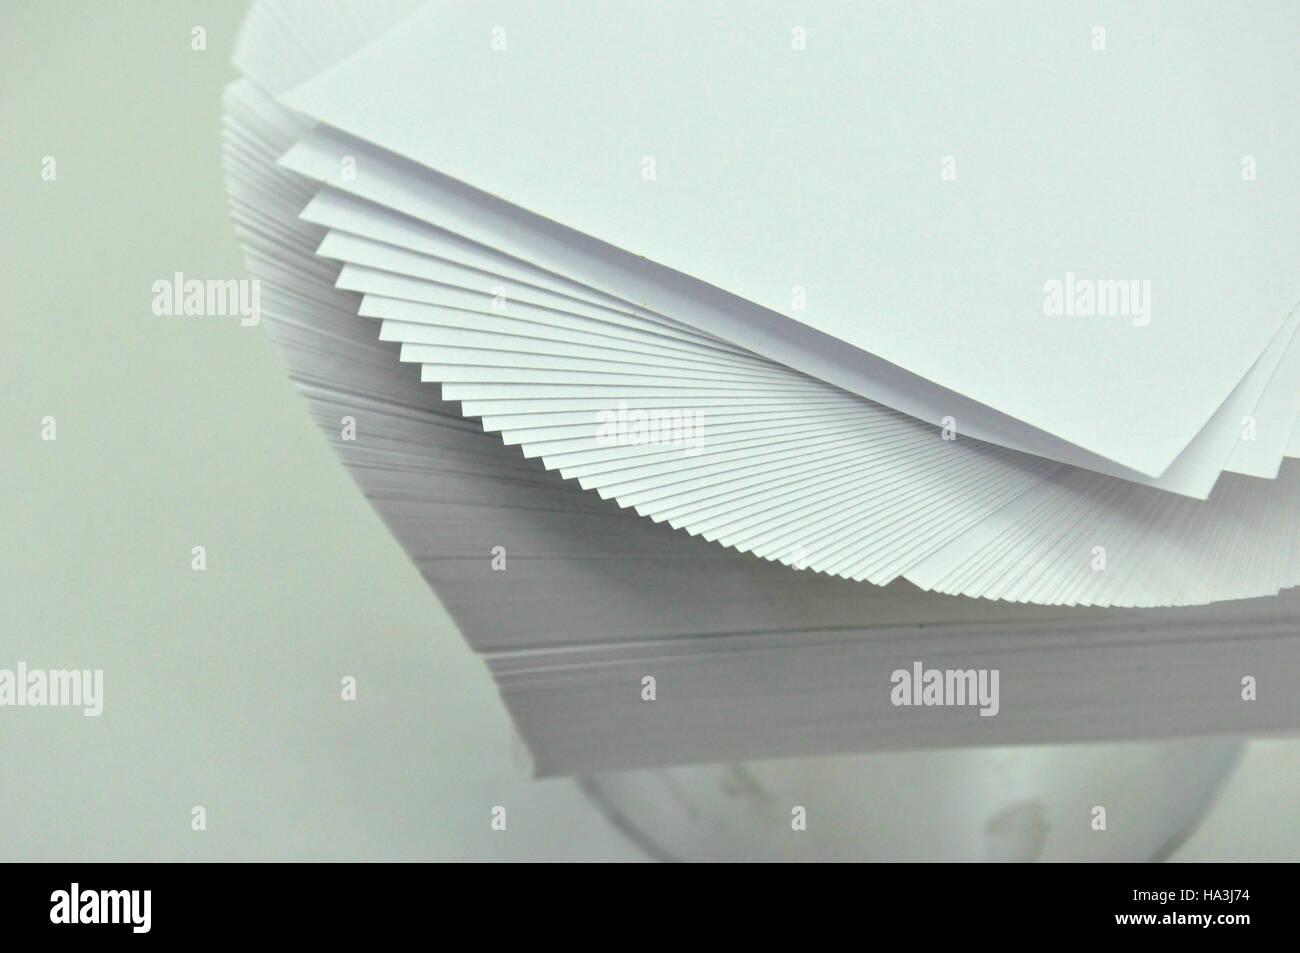 Fogli di carta è dispiegata come mazzo di carte Immagini Stock